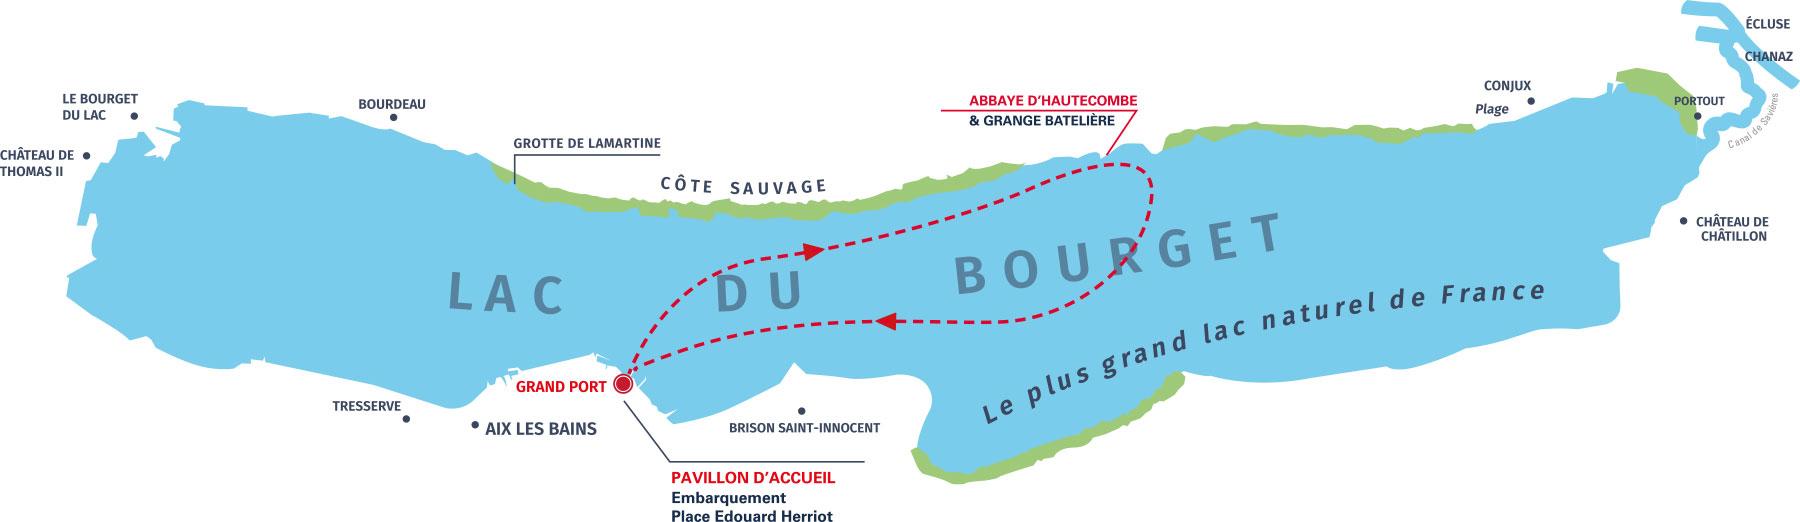 Plan du Lac du Bourget